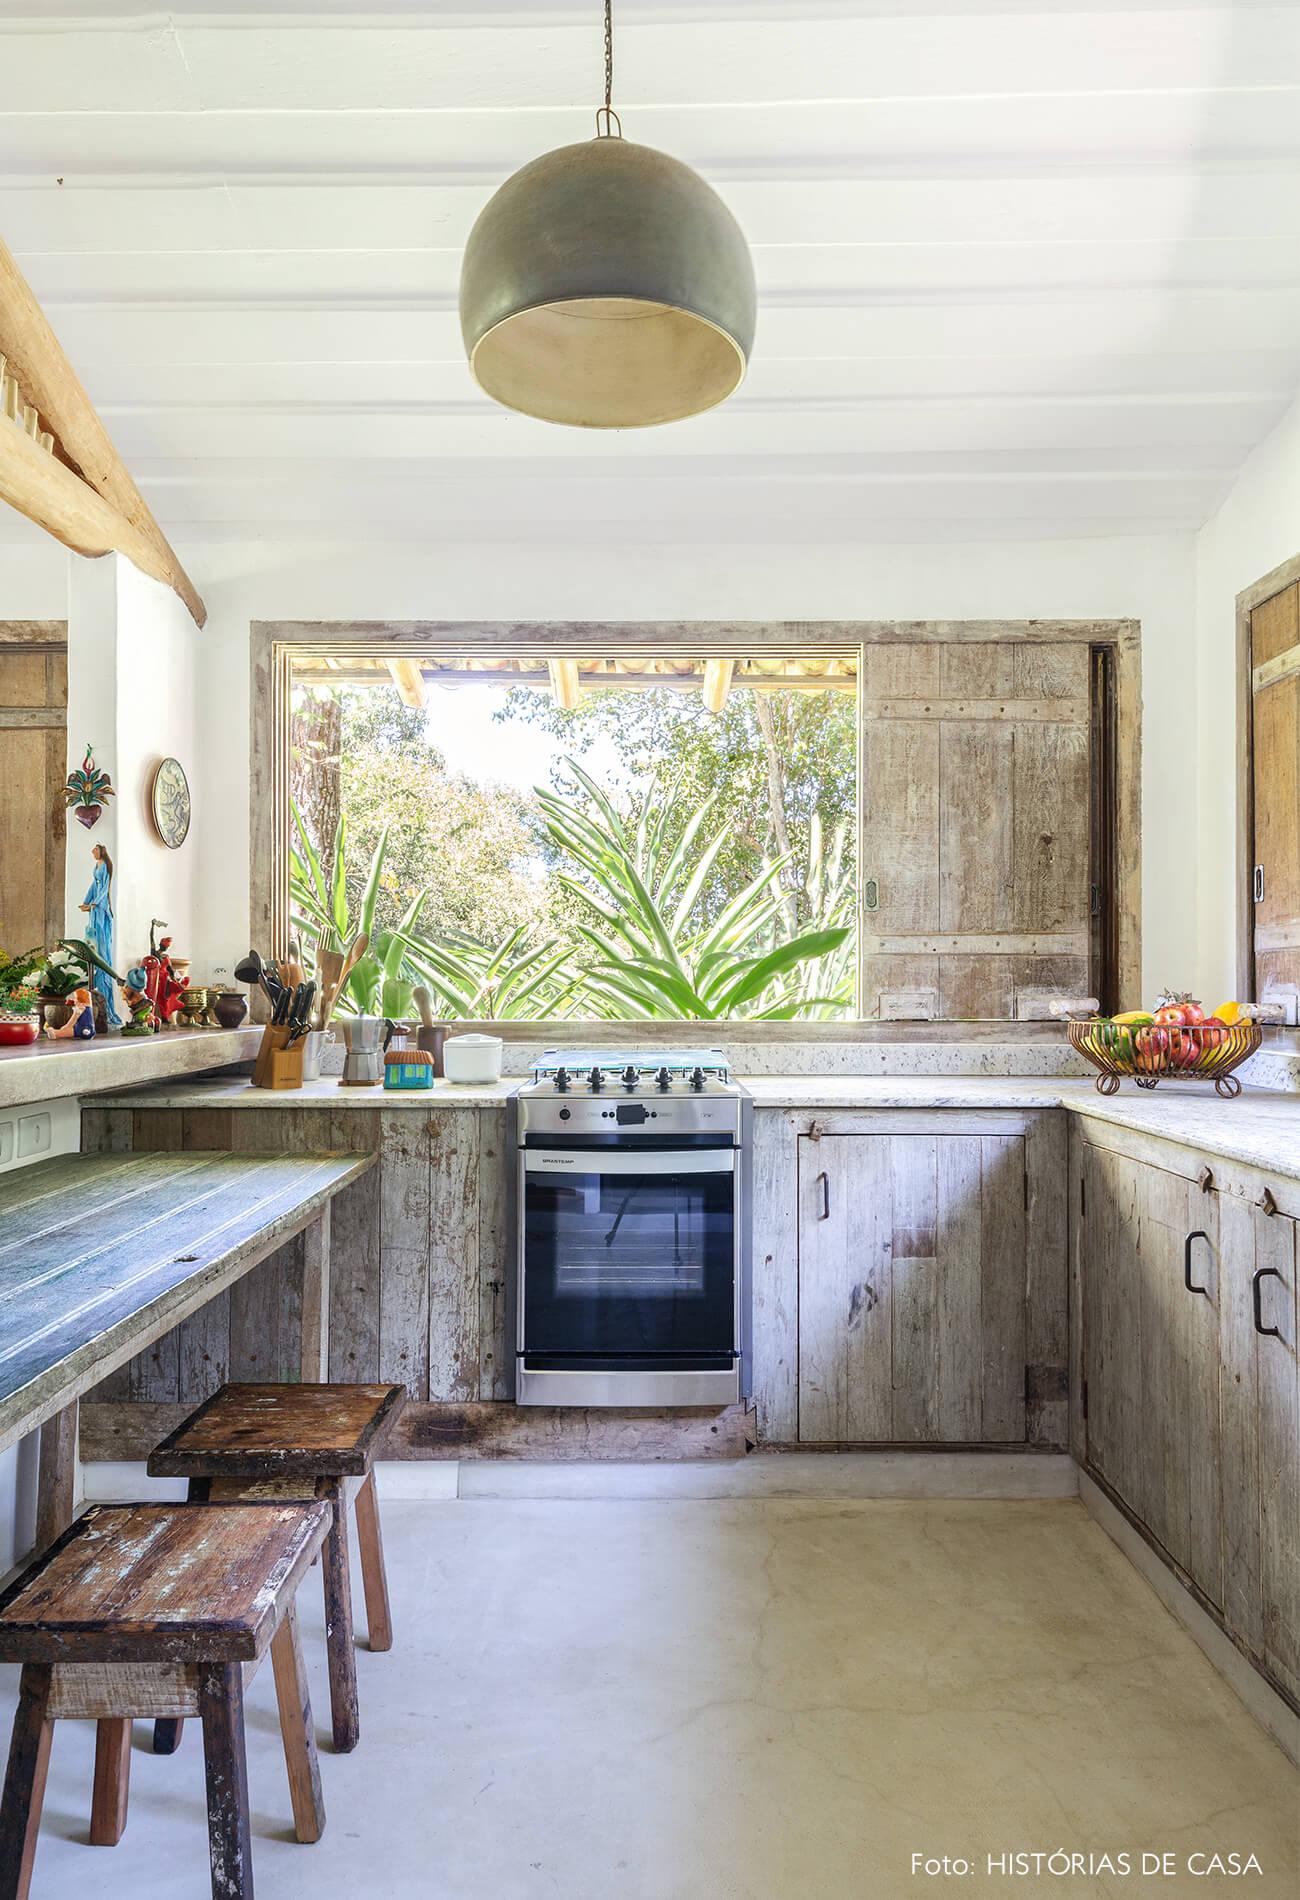 cozinha-rustica-com-moveis-de-madeira